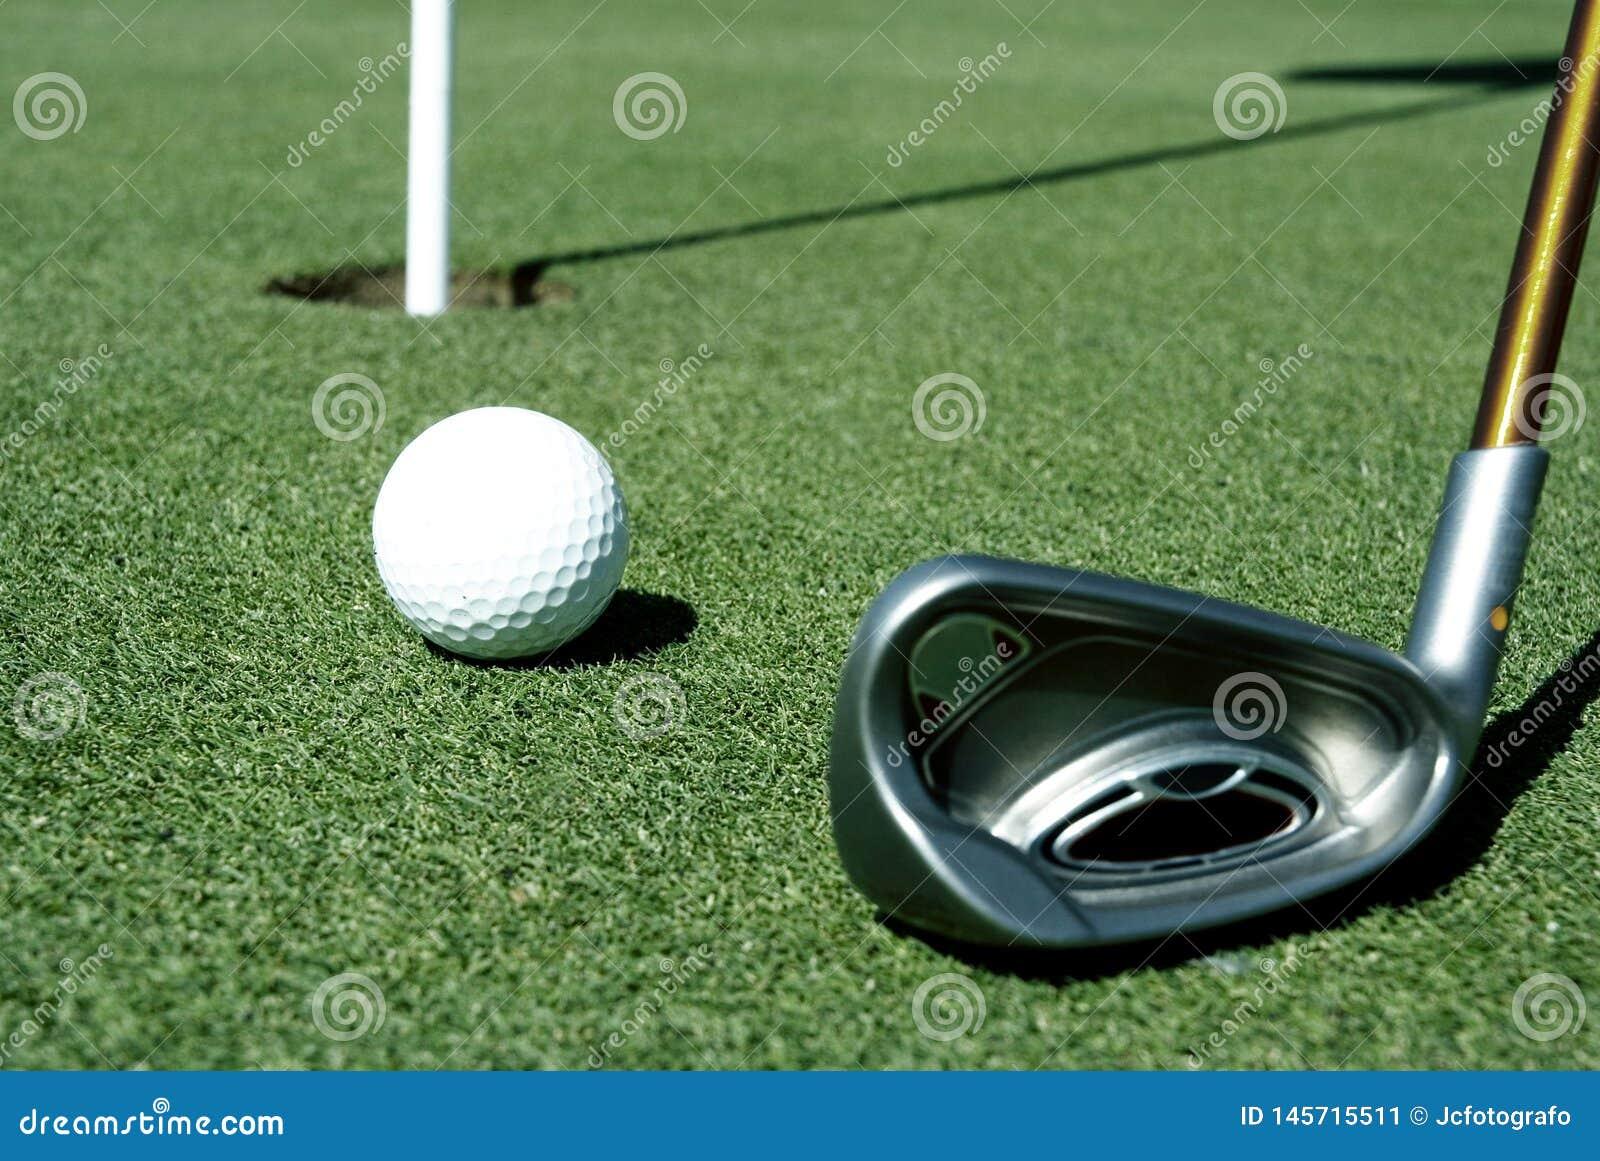 Palla da golf 8